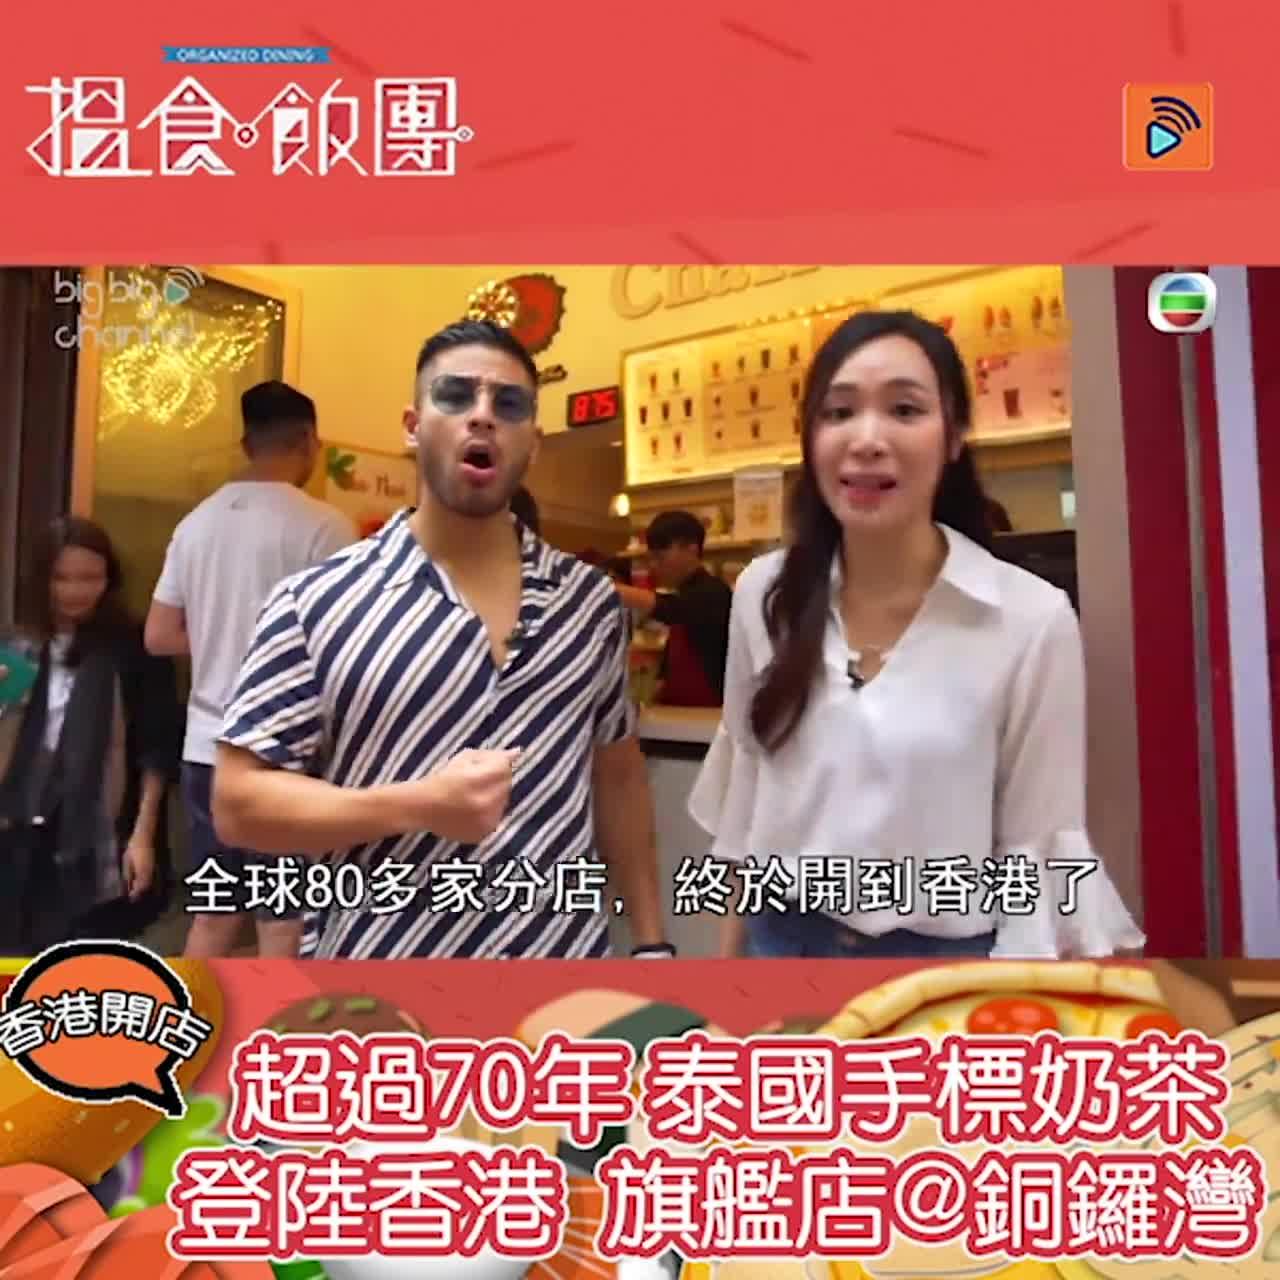 泰國人氣手標茶 登陸香港銅鑼灣